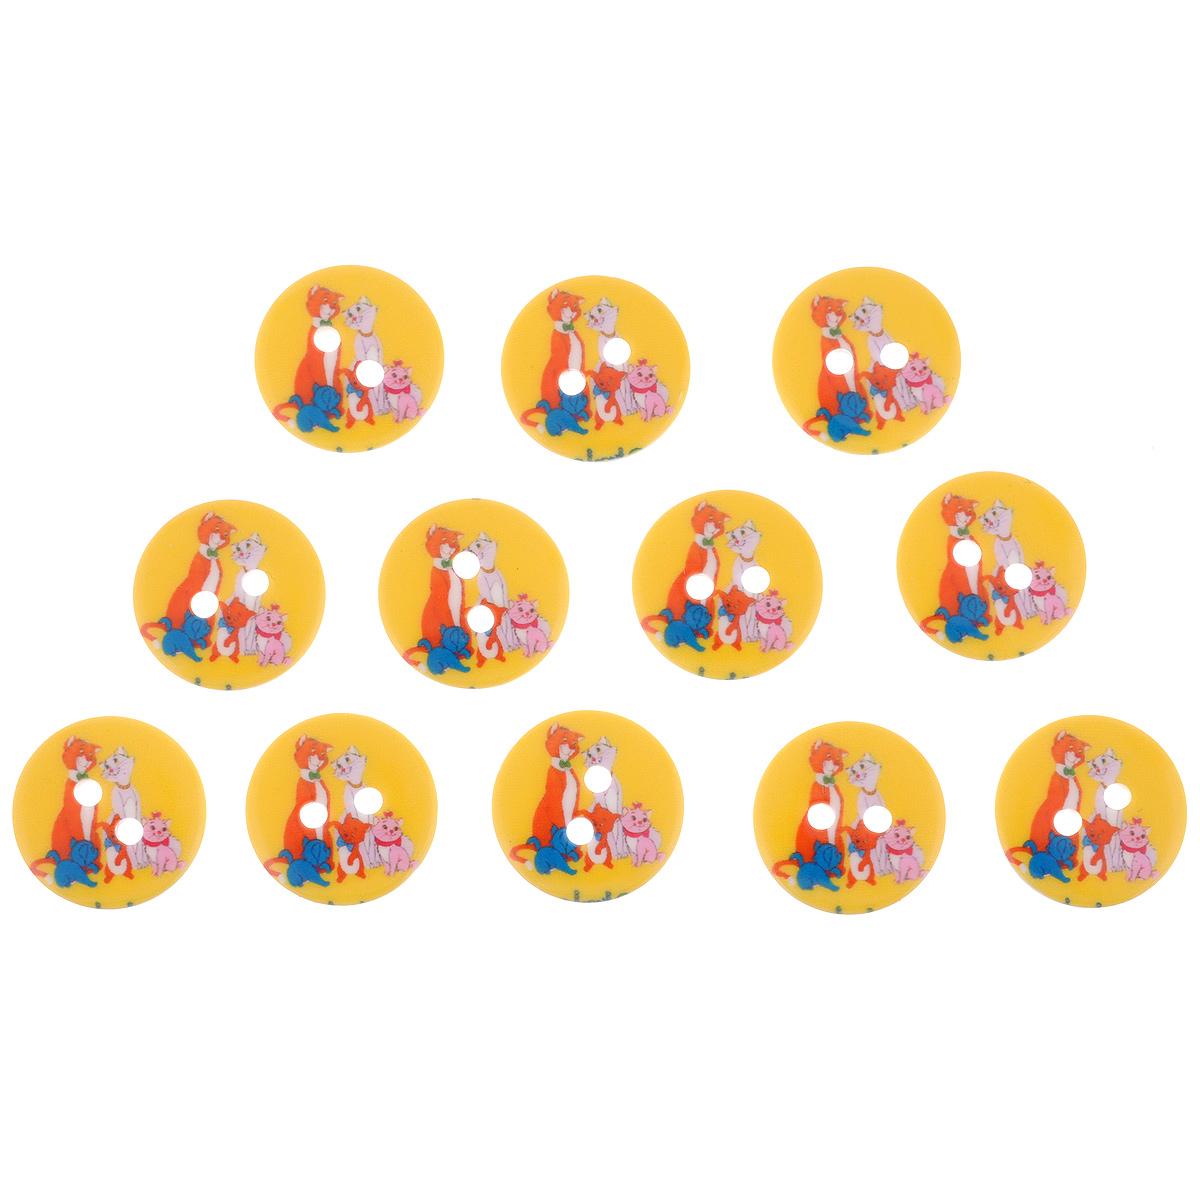 Пуговицы декоративные Астра Magic, цвет: желтый, белый, красный, диаметр 17 мм, 12 шт7708670Набор Астра Magic состоит из 12 круглых декоративных пуговиц, изготовленных из пластика, с помощью которых вы сможете украсить открытку, фотографию, альбом, одежду, подарок и другие предметы ручной работы. Такие пуговицы станут незаменимым элементом в создании рукотворного шедевра. Диаметр пуговиц: 17 мм.